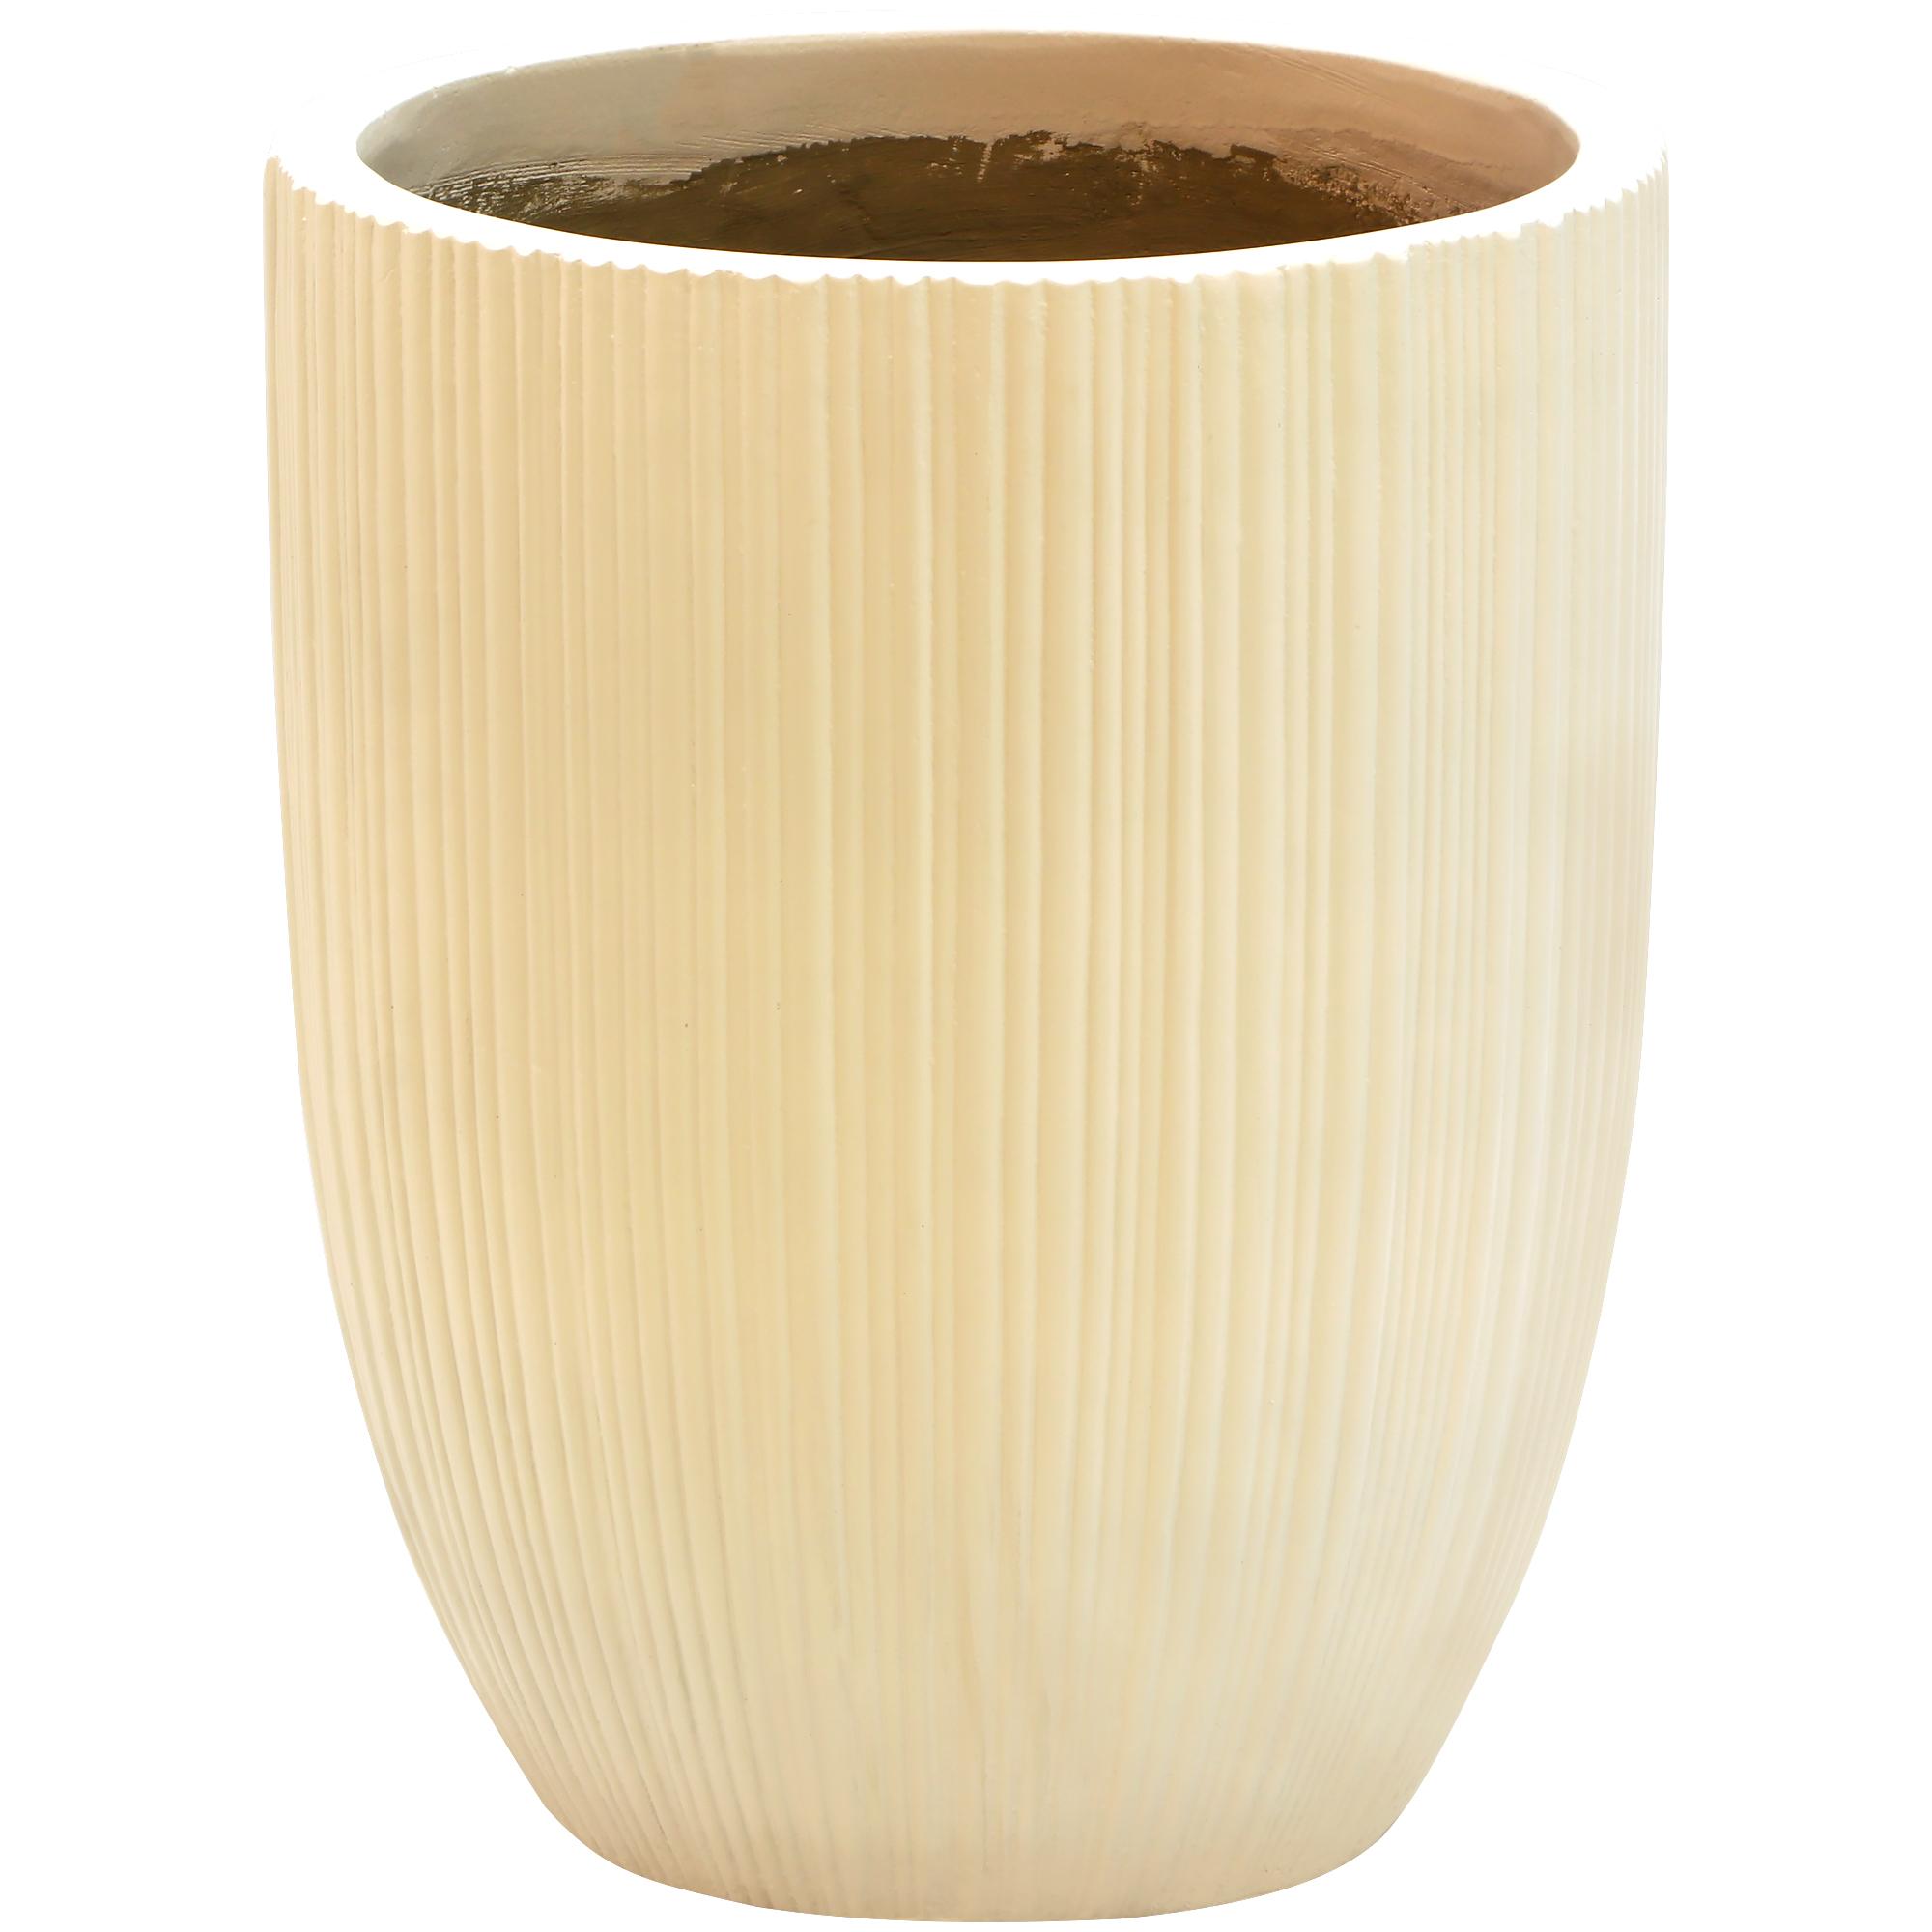 Кашпо Hoang pottery глазурь высокое 46x57 см белое недорого